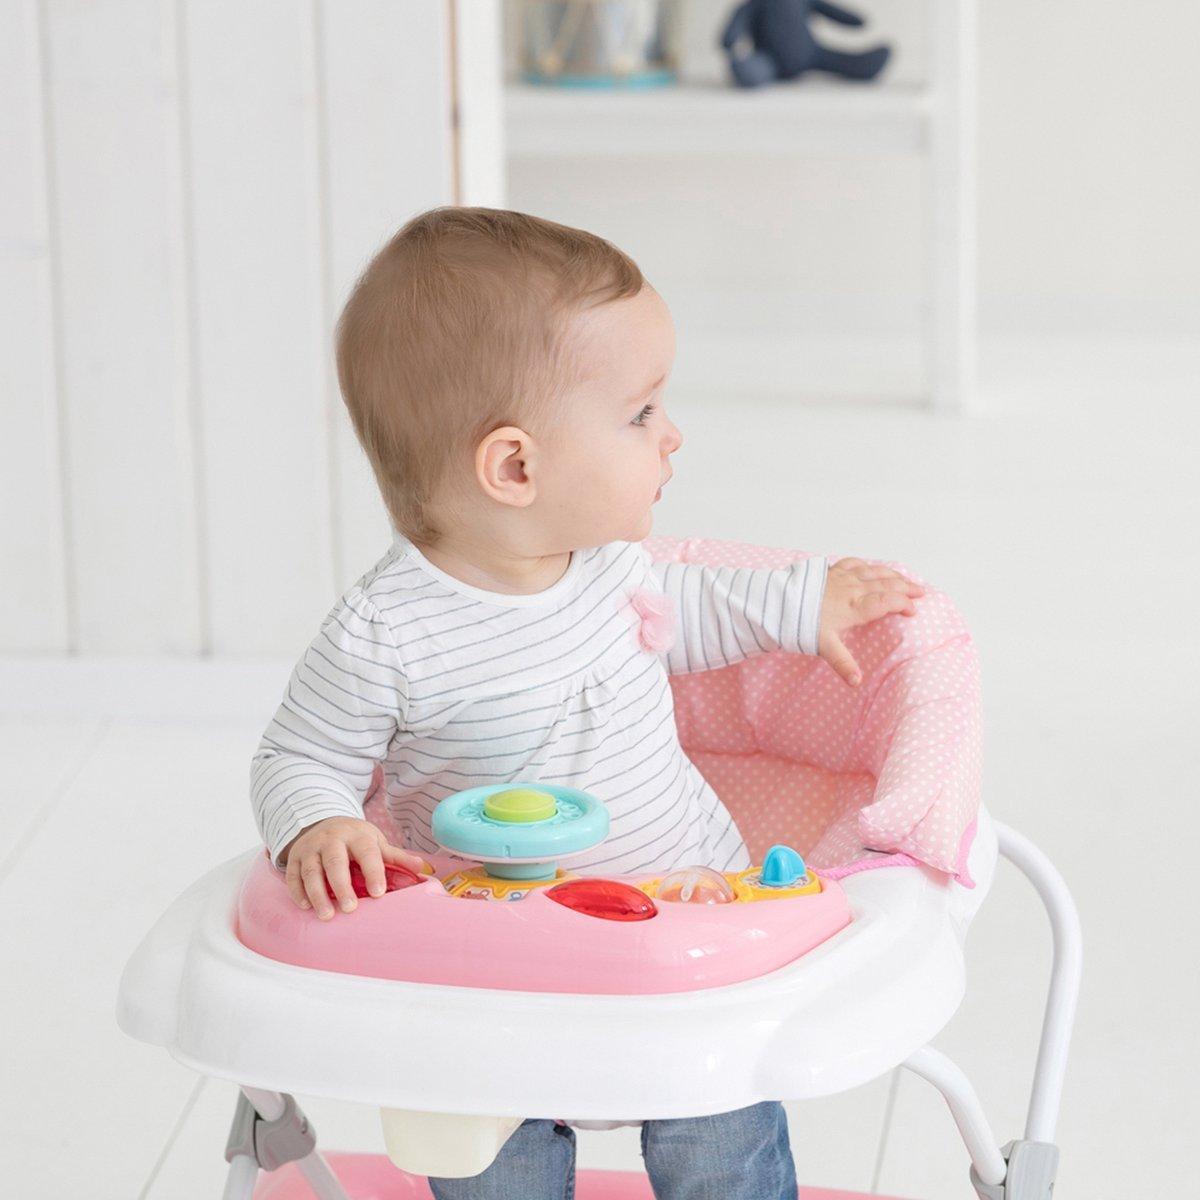 Solini Lernlaufhilfe//Lauflernwagen f/ür Babys//h/öhenverstellbarer Laufwagen mit eingeh/ängtem Sitz